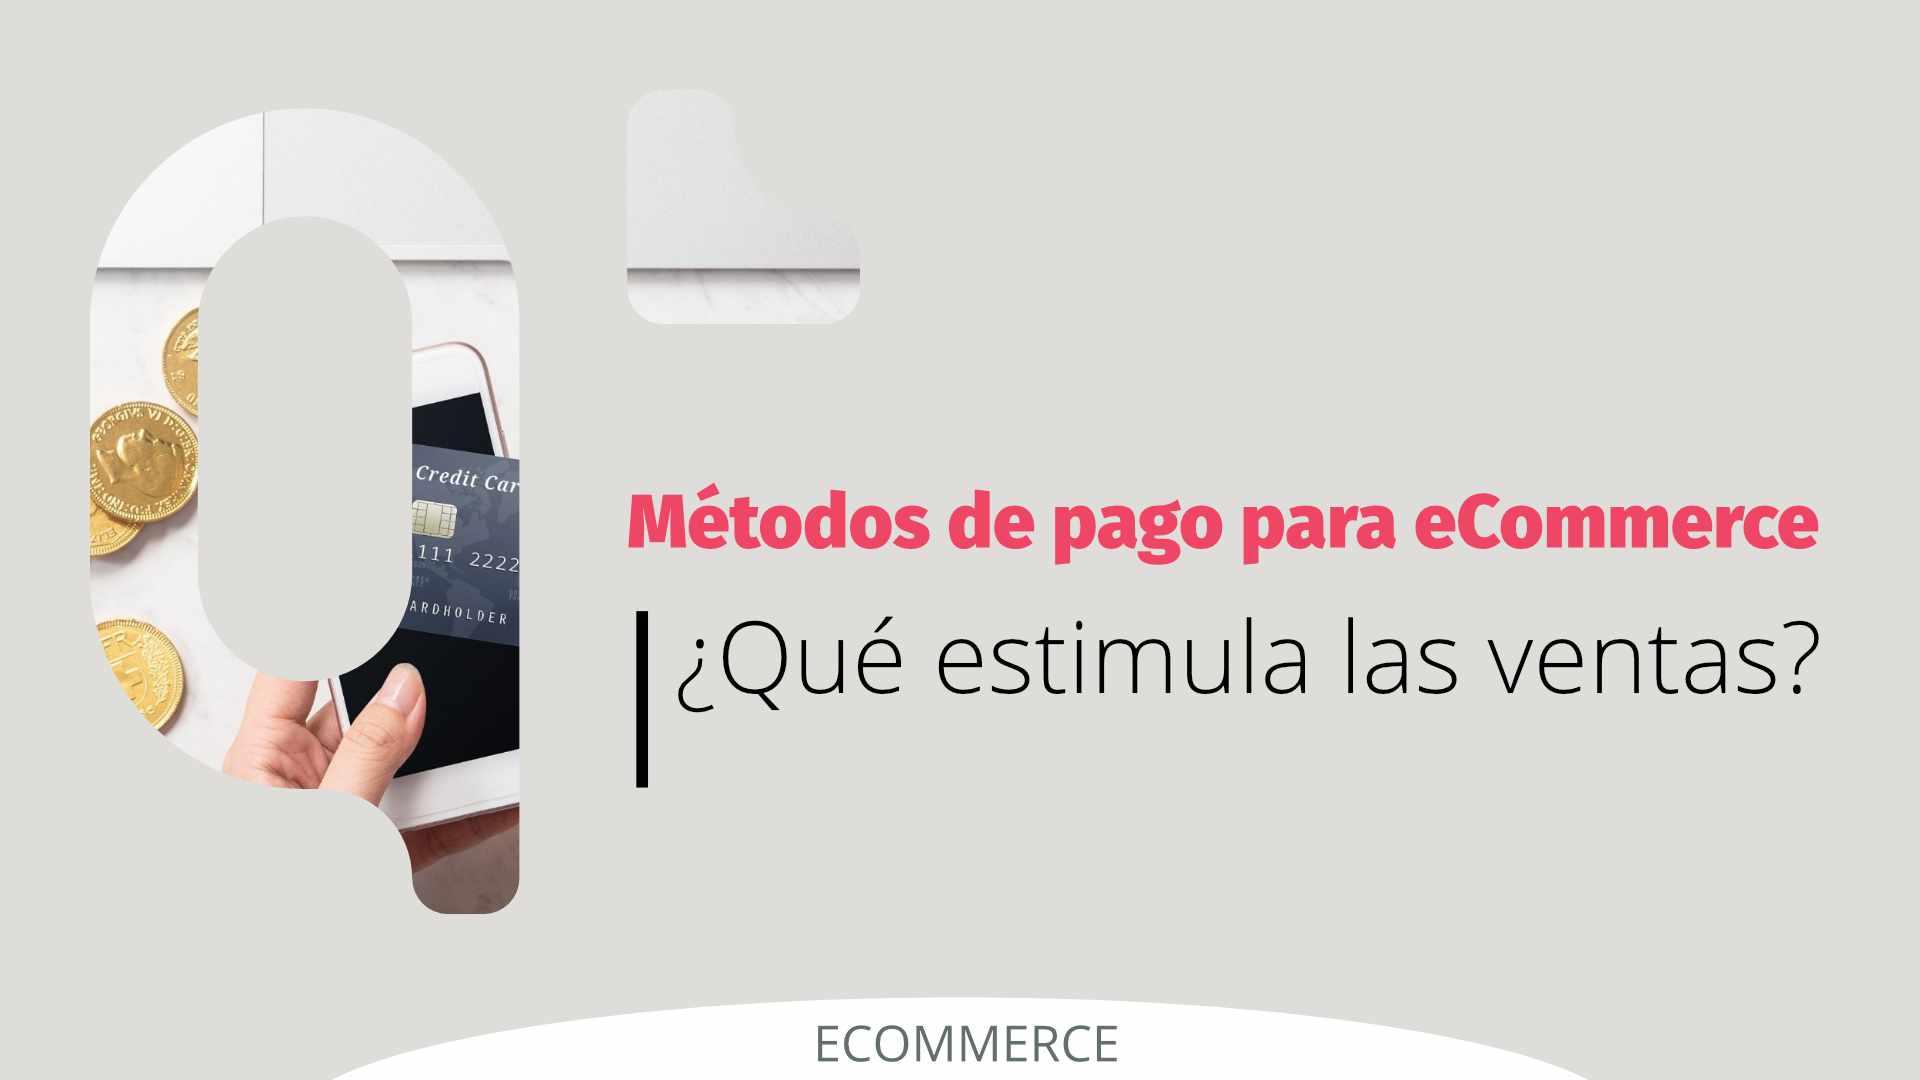 Metodos de pago ES.